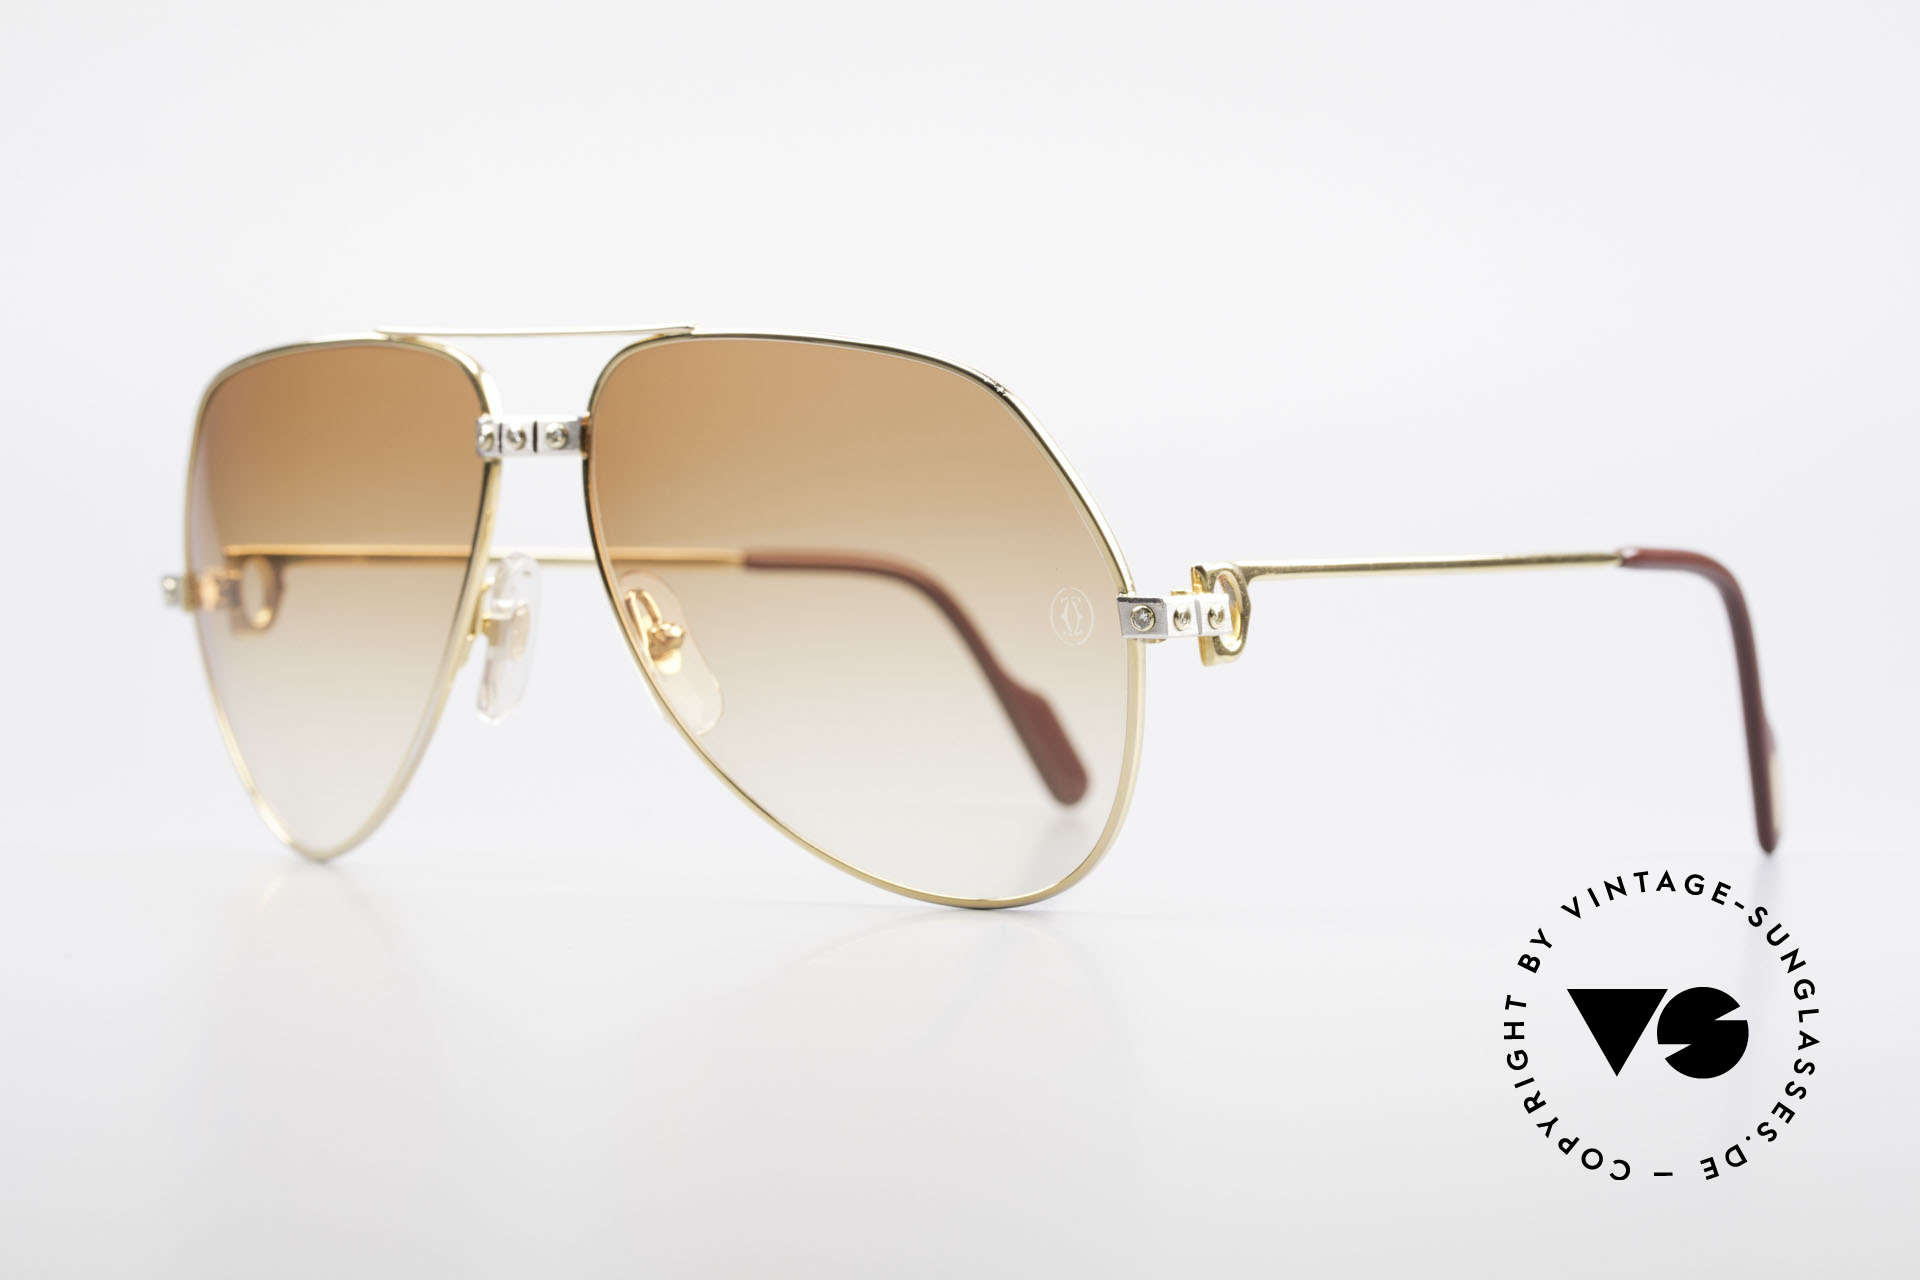 Cartier Vendome Santos - L Luxus Diamanten Sonnenbrille, Santos-Schauben wurden durch echte Diamanten ersetzt, Passend für Herren